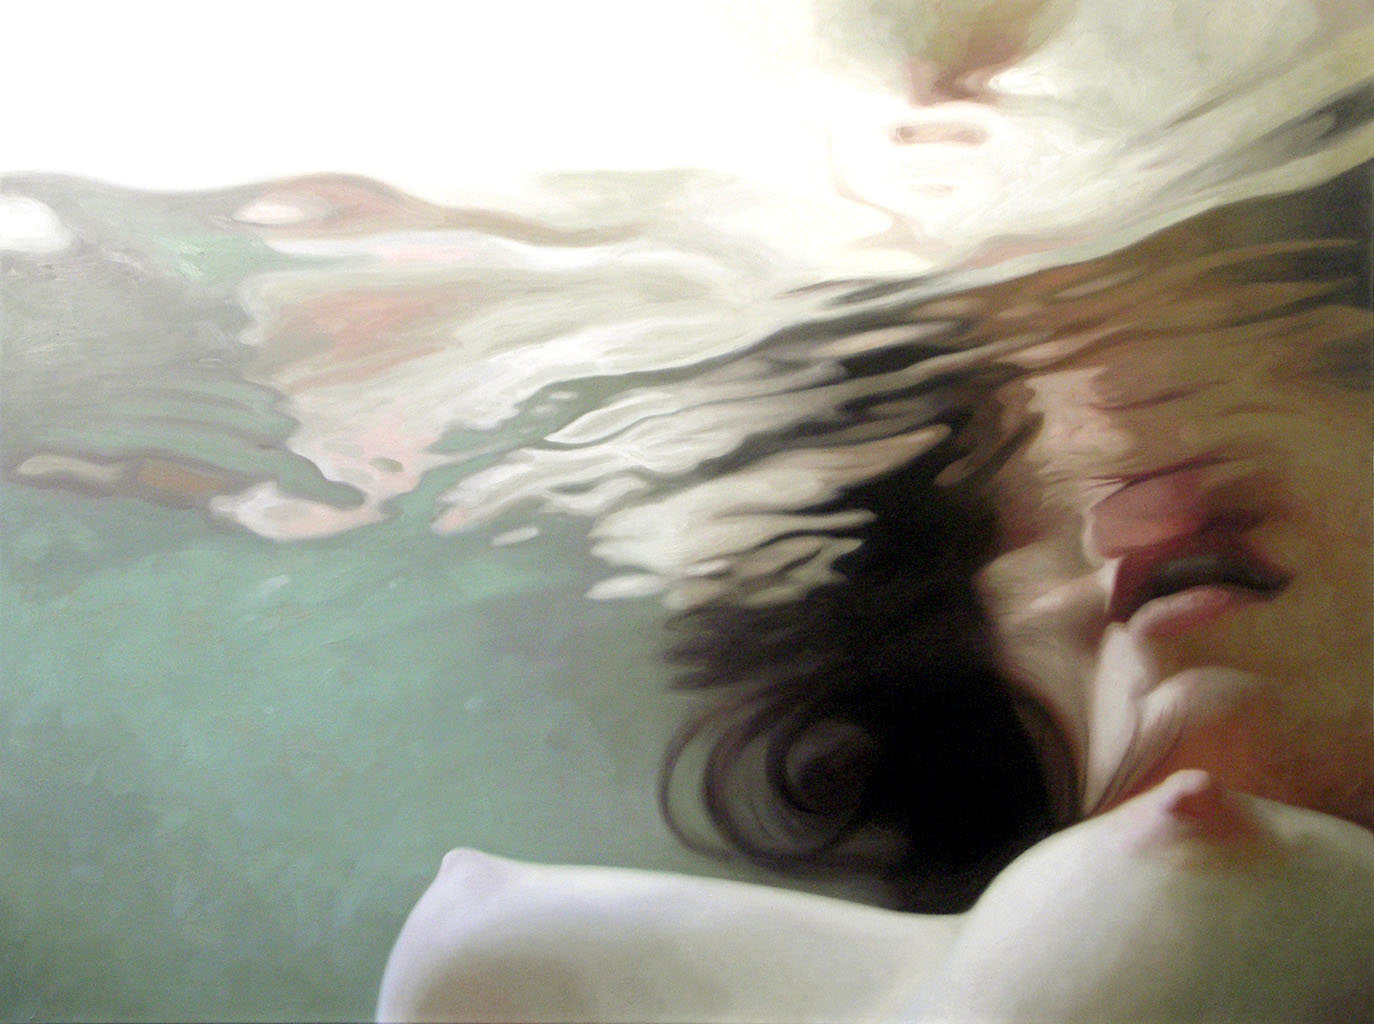 Алиса Монкс (Alyssa Monks), Liquid